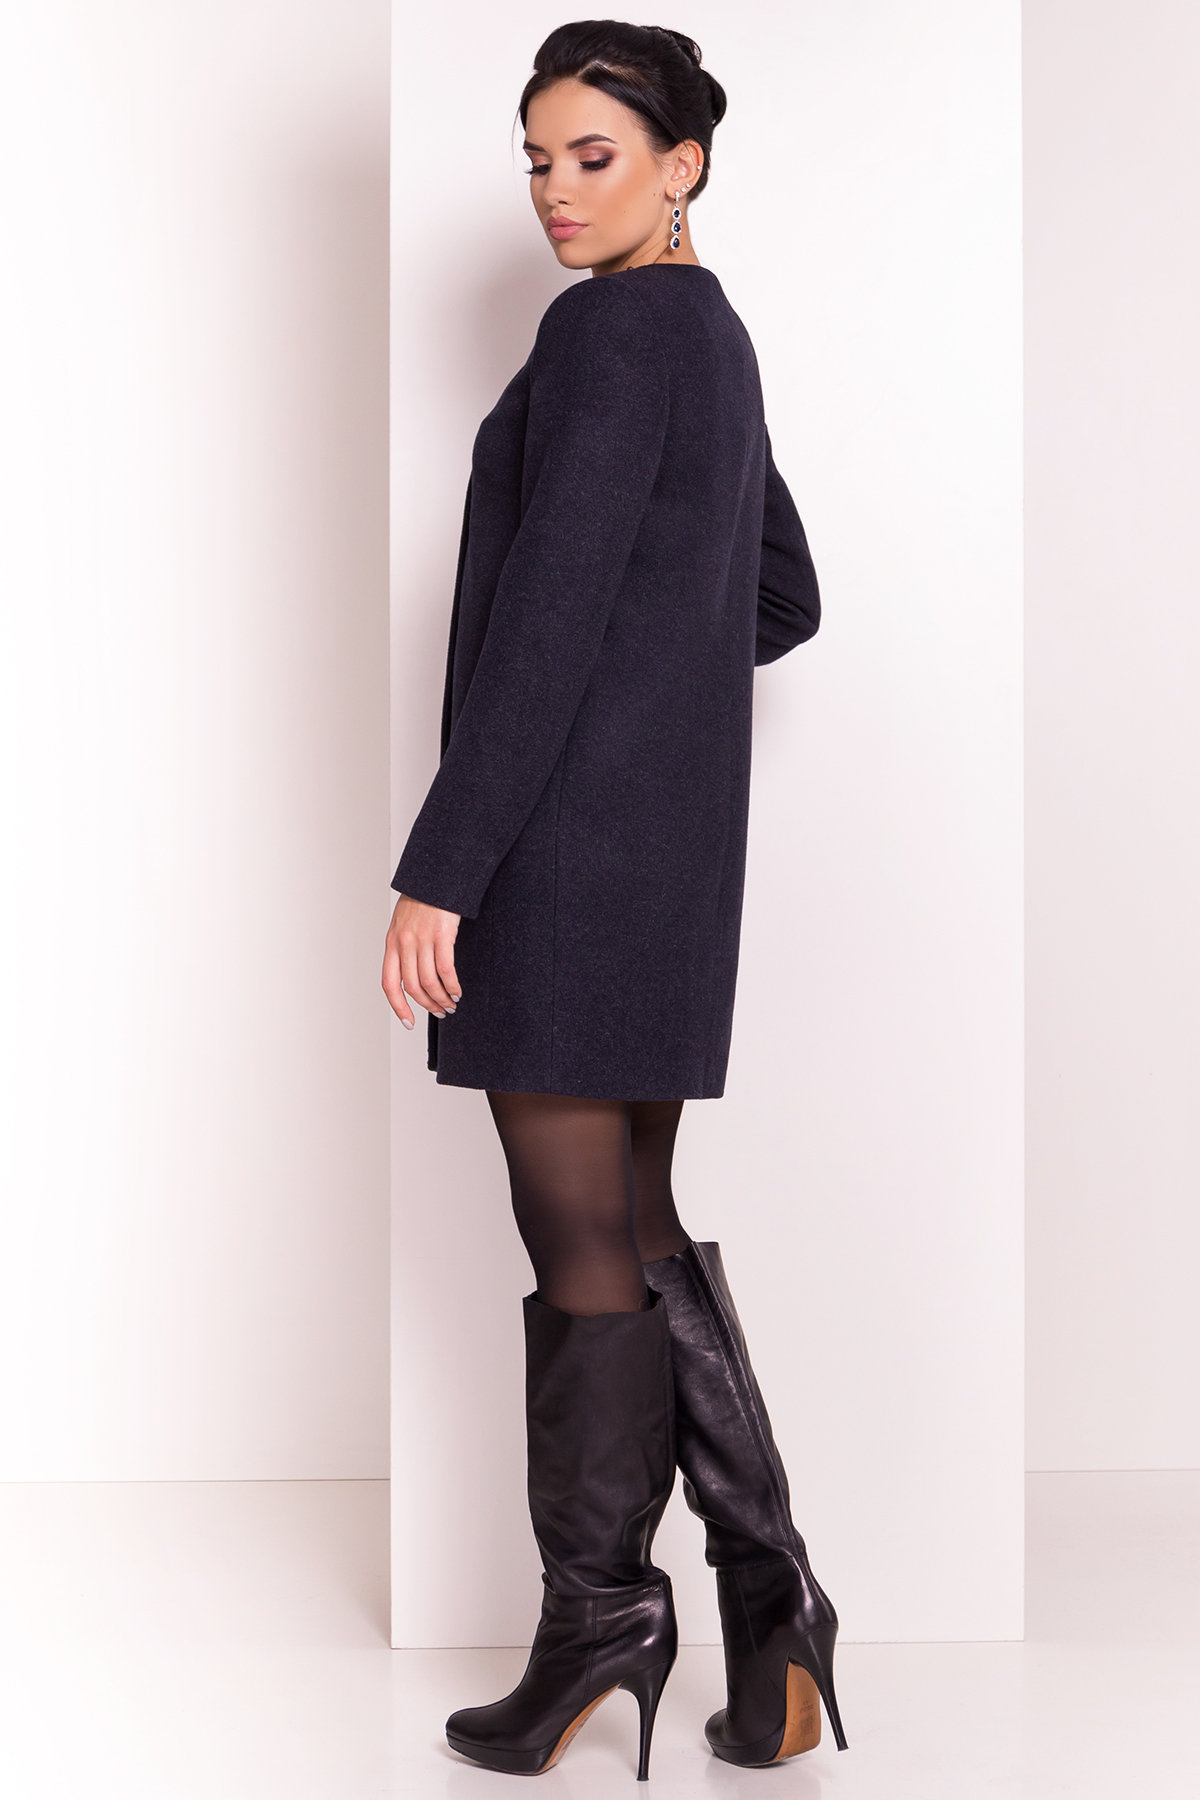 Весенние пальто Пелагея 5512 АРТ. 37061 Цвет: Темно-синий - фото 4, интернет магазин tm-modus.ru